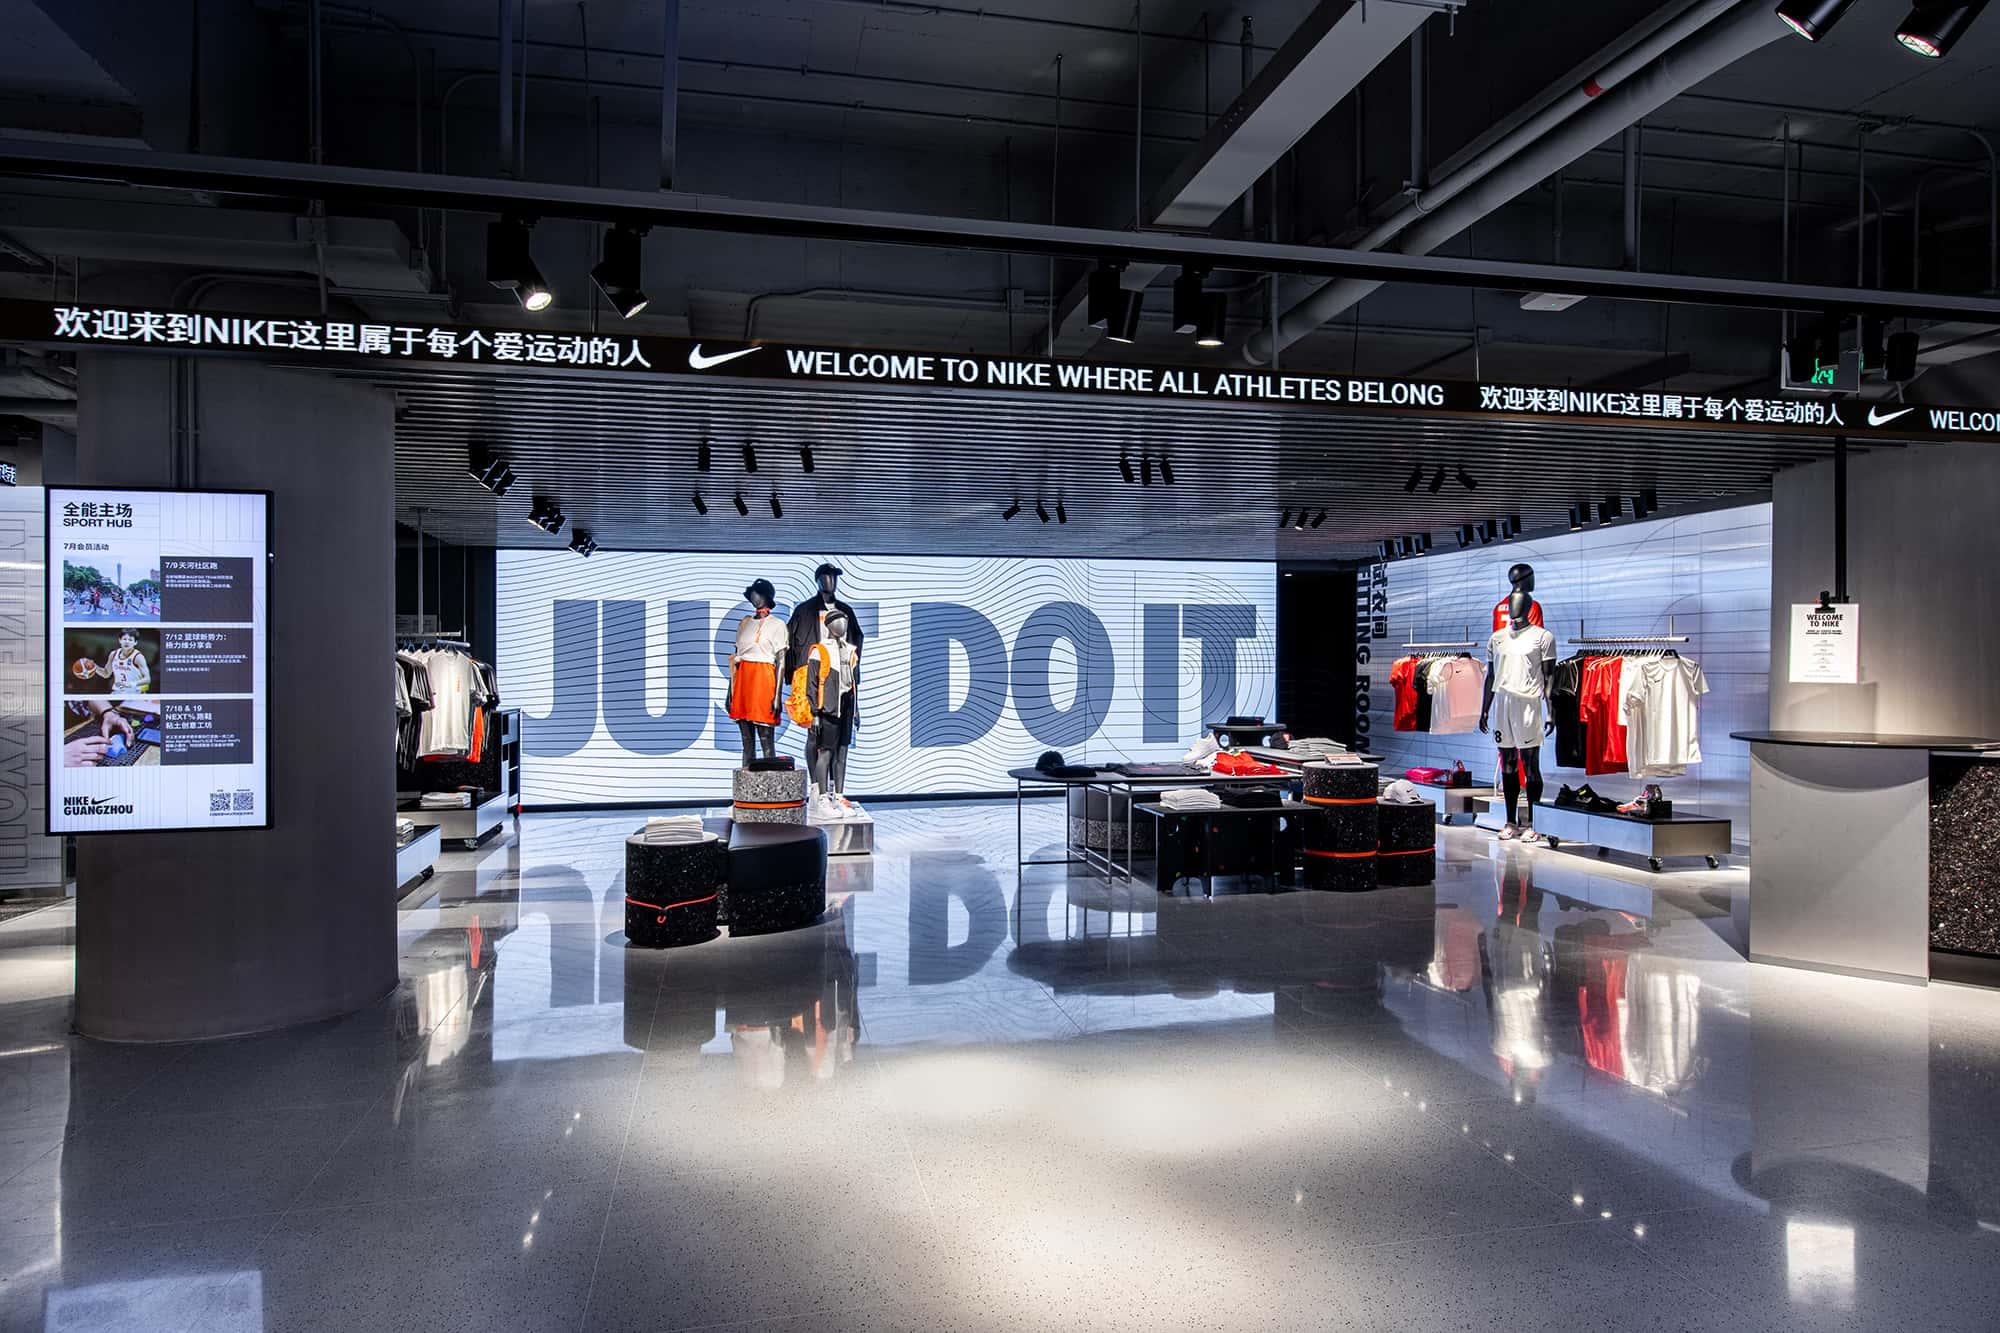 Pantallas digitales en interior de tienda Nike en China